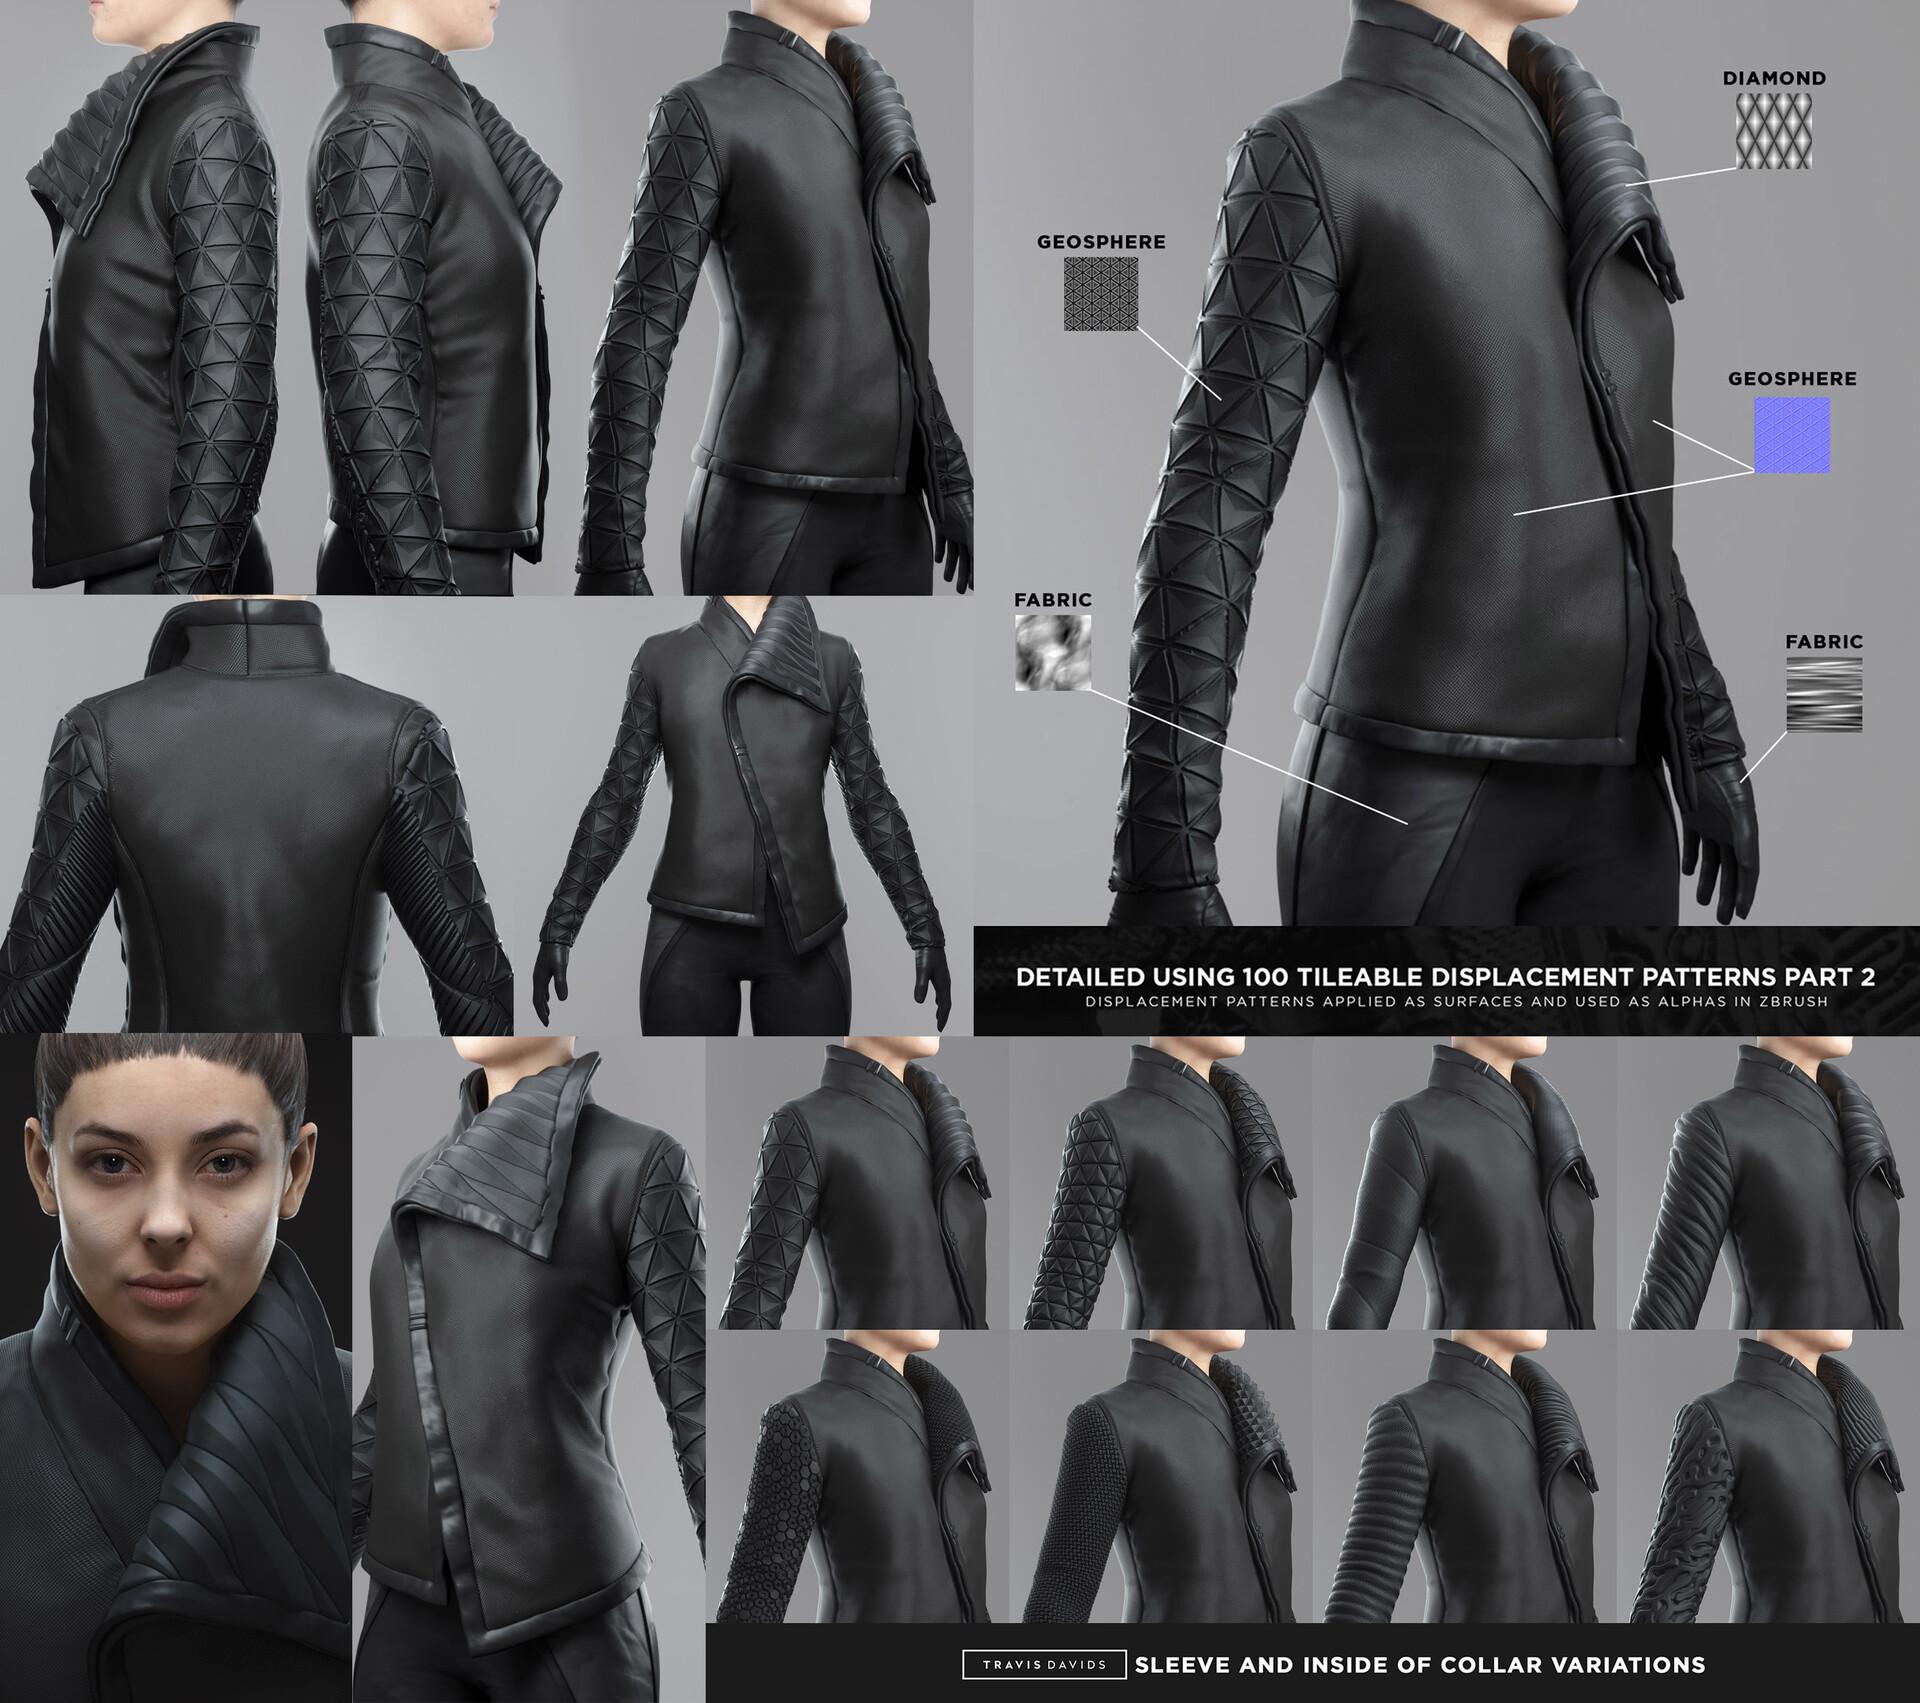 Travis davids cyberpunk female outfit